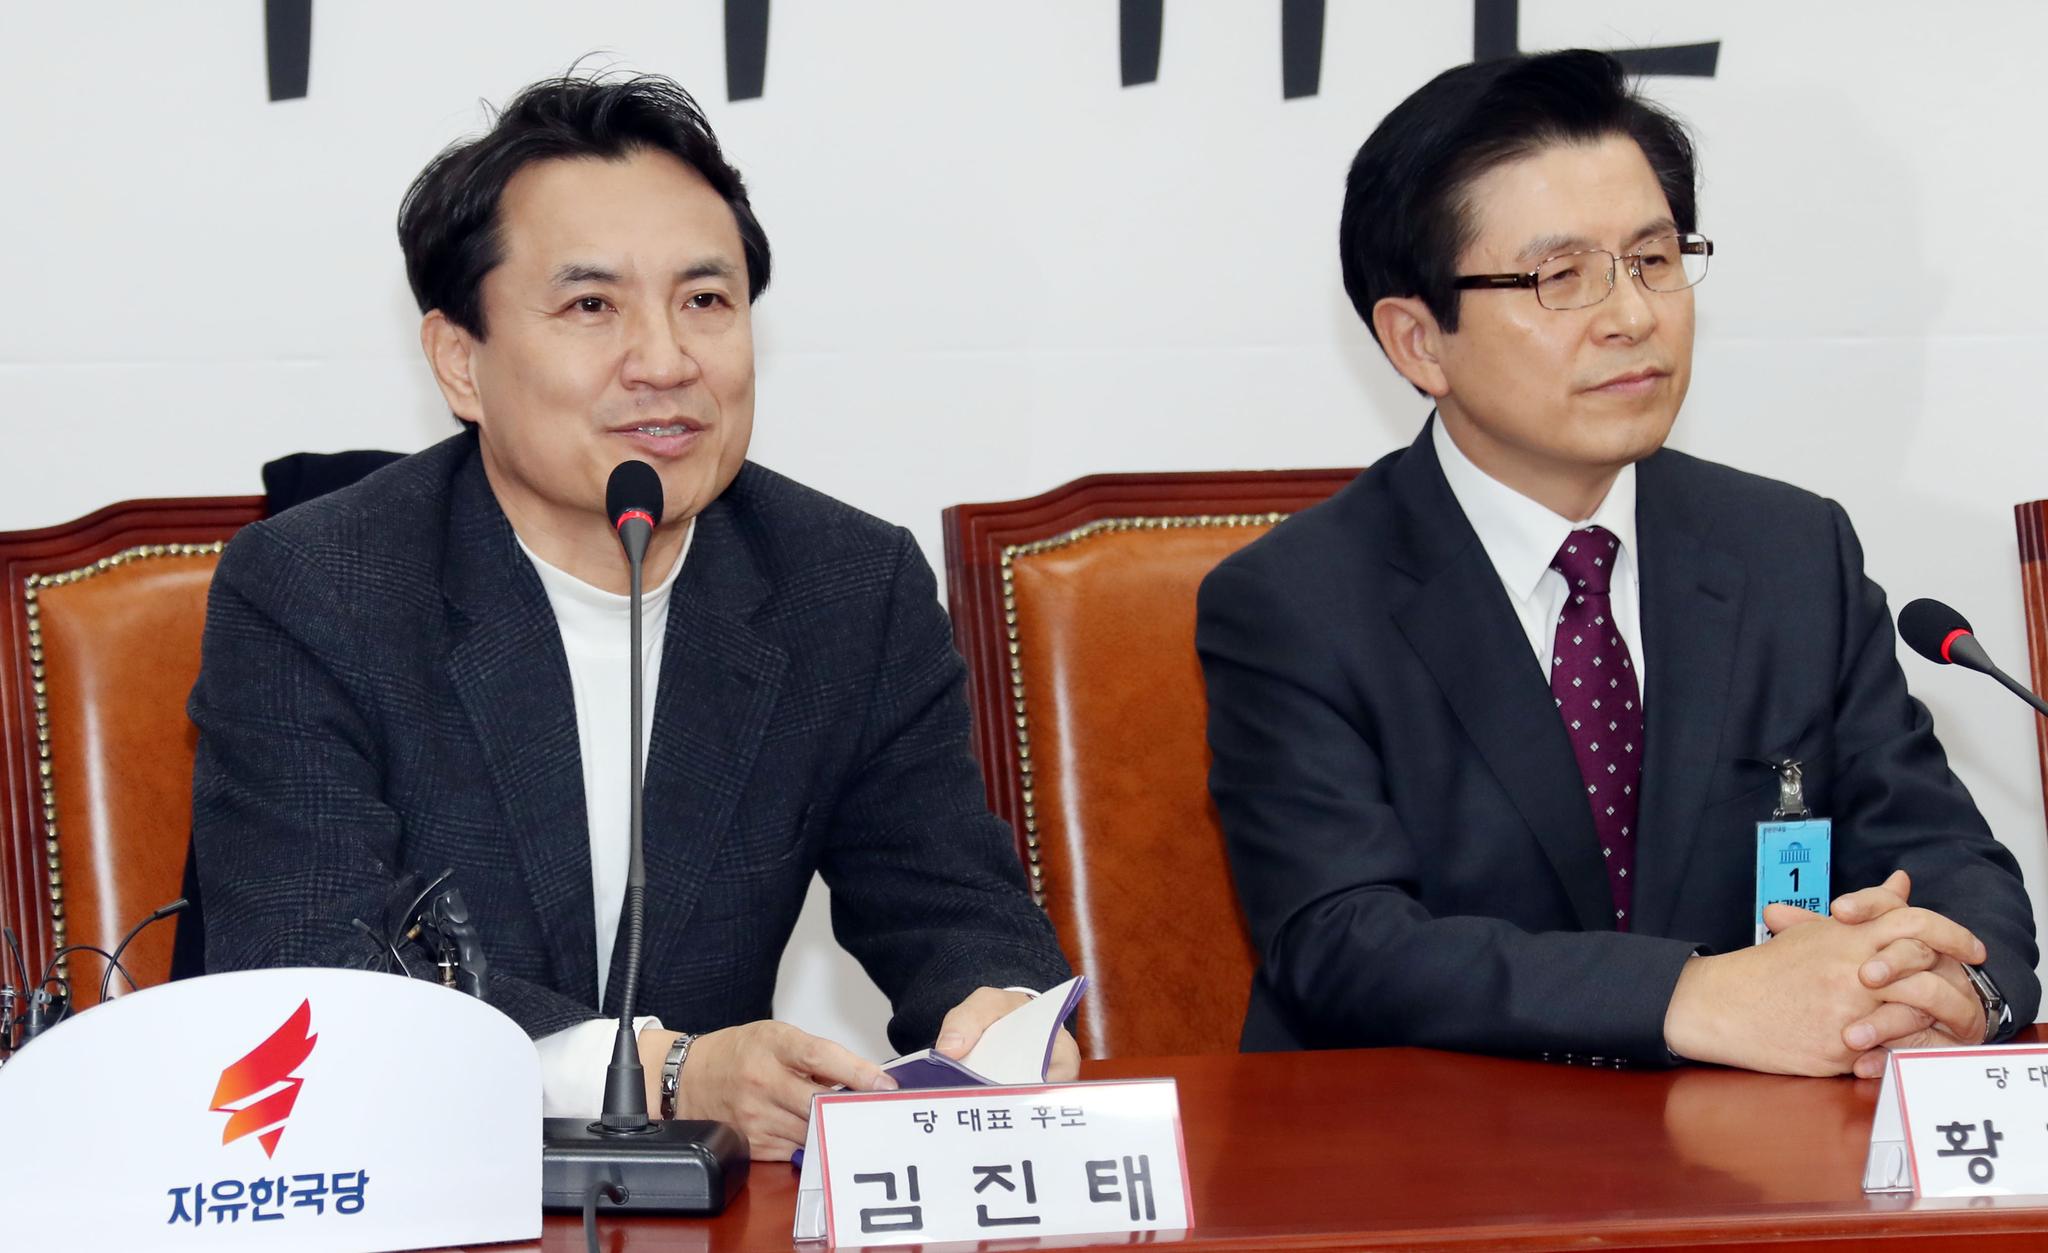 자유한국당 선관위 회의가 13일 오전 국회에서 열렸다. 김진태 후보(왼쪽)가 인사말 하고 있다. 변선구 기자 20190213